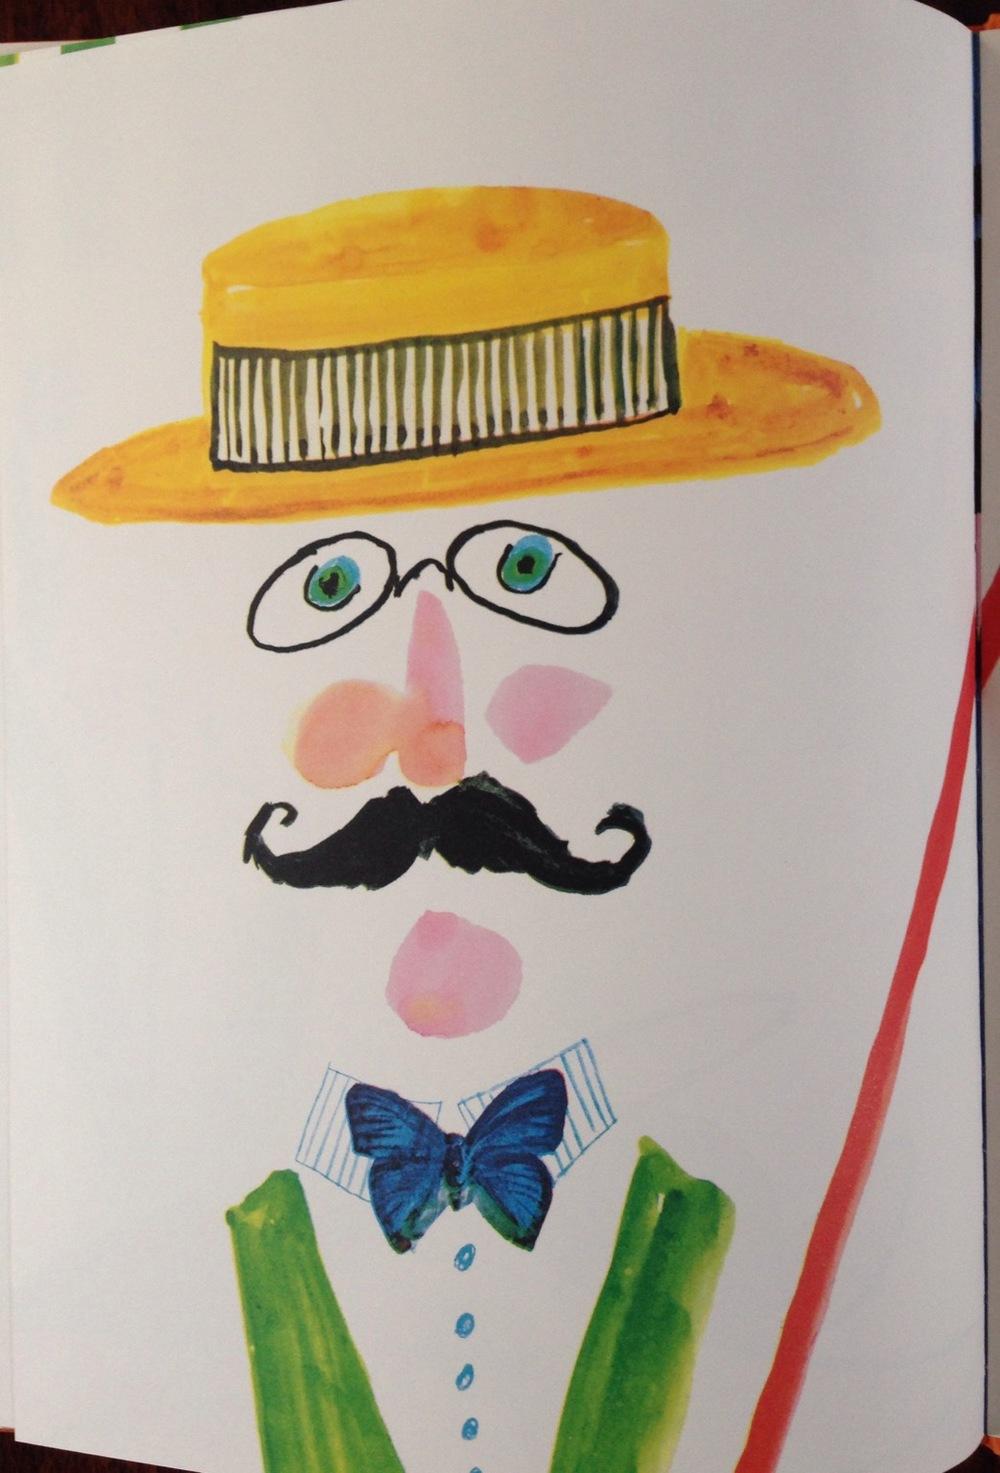 Mr Tarturo